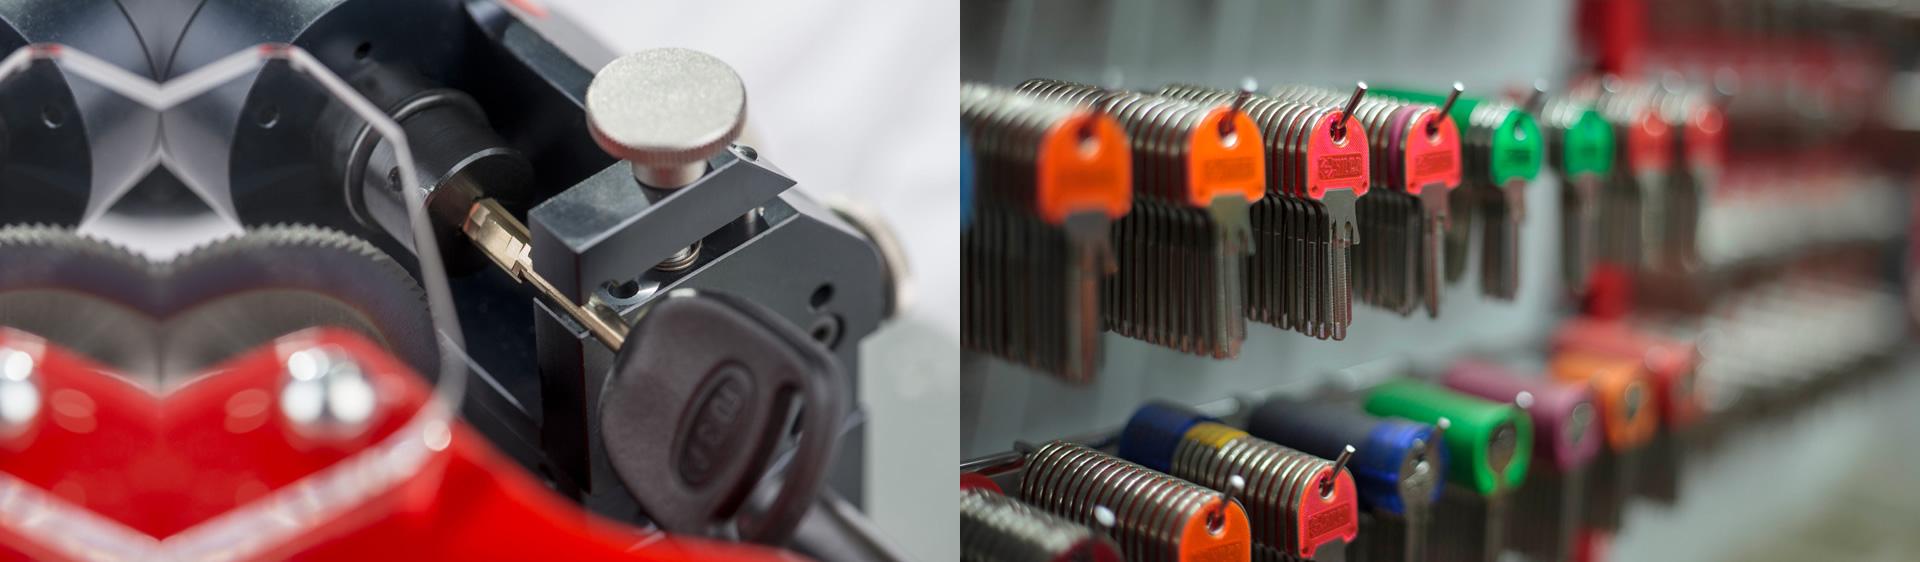 Duplicazione e riproduzione chiavi a Torino